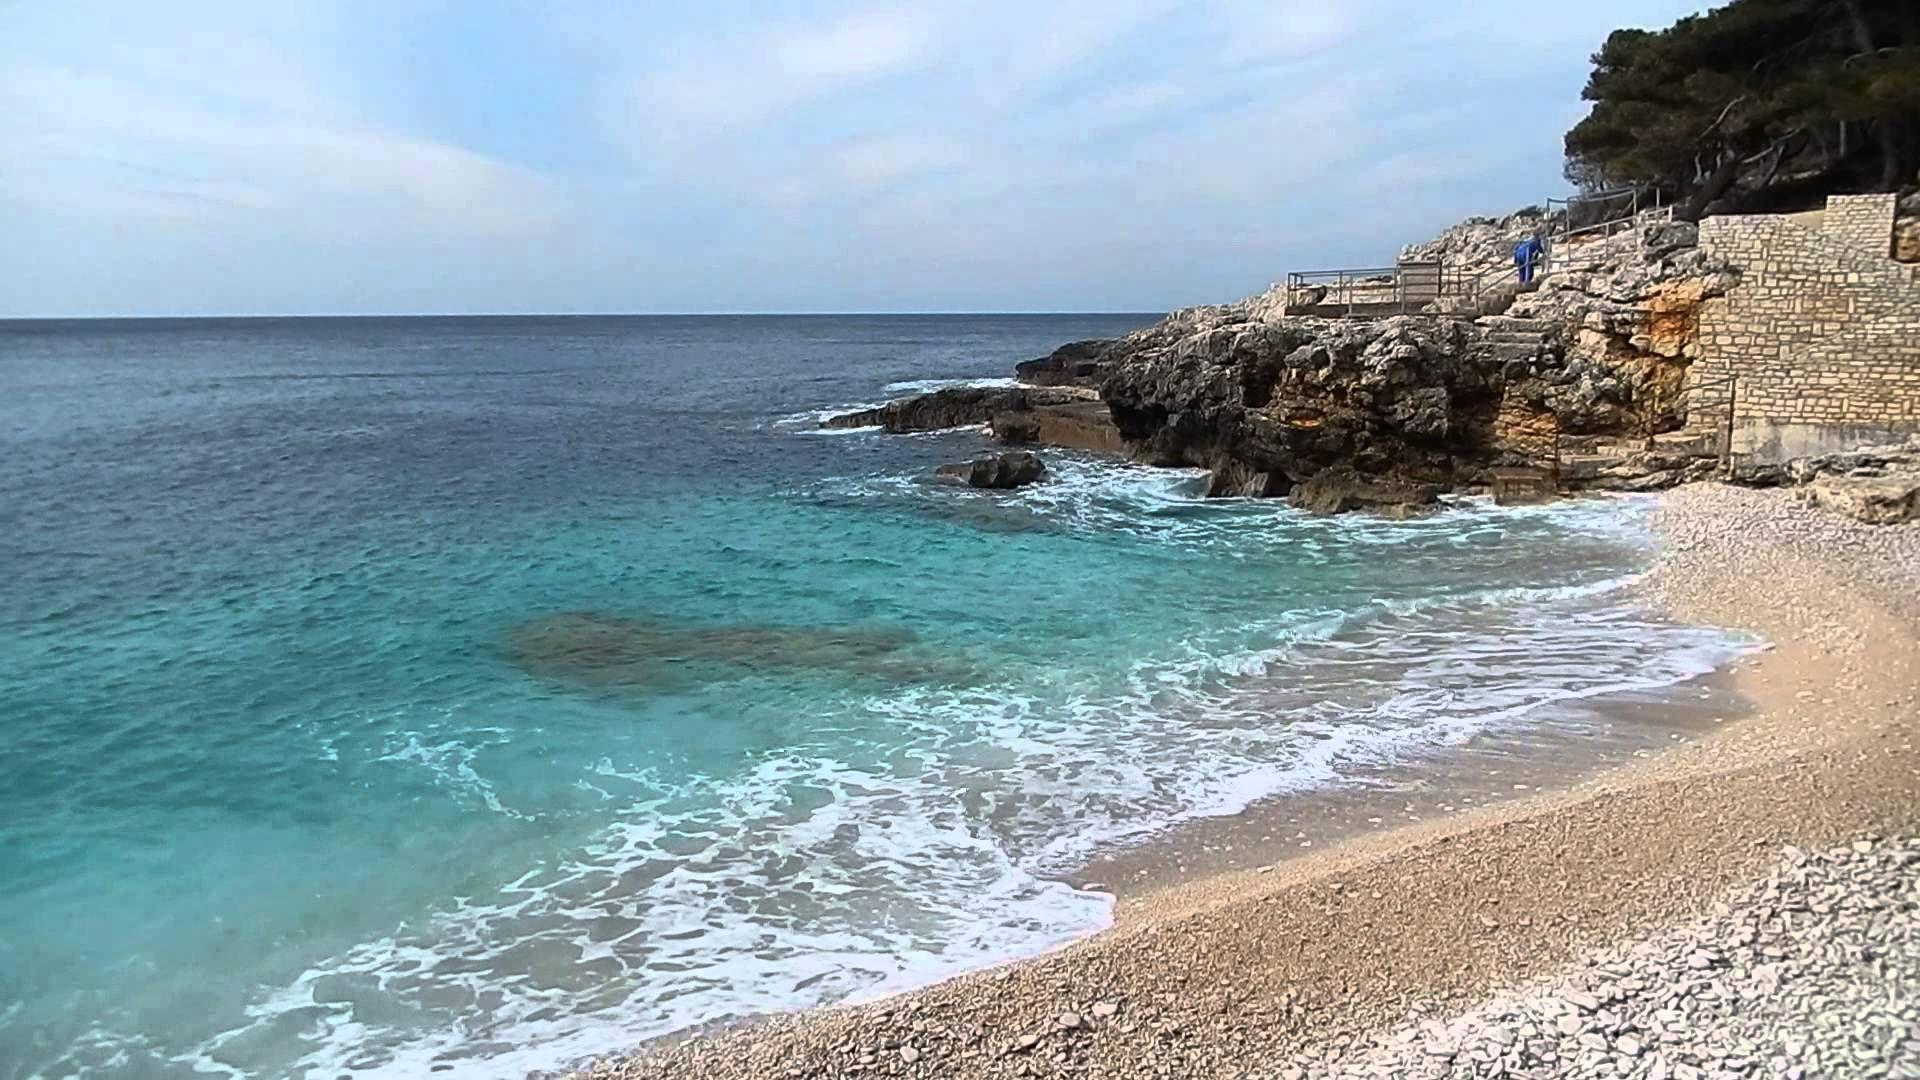 Der 'Havajka' Strand in Pula heute www.inistrien.hr Pula